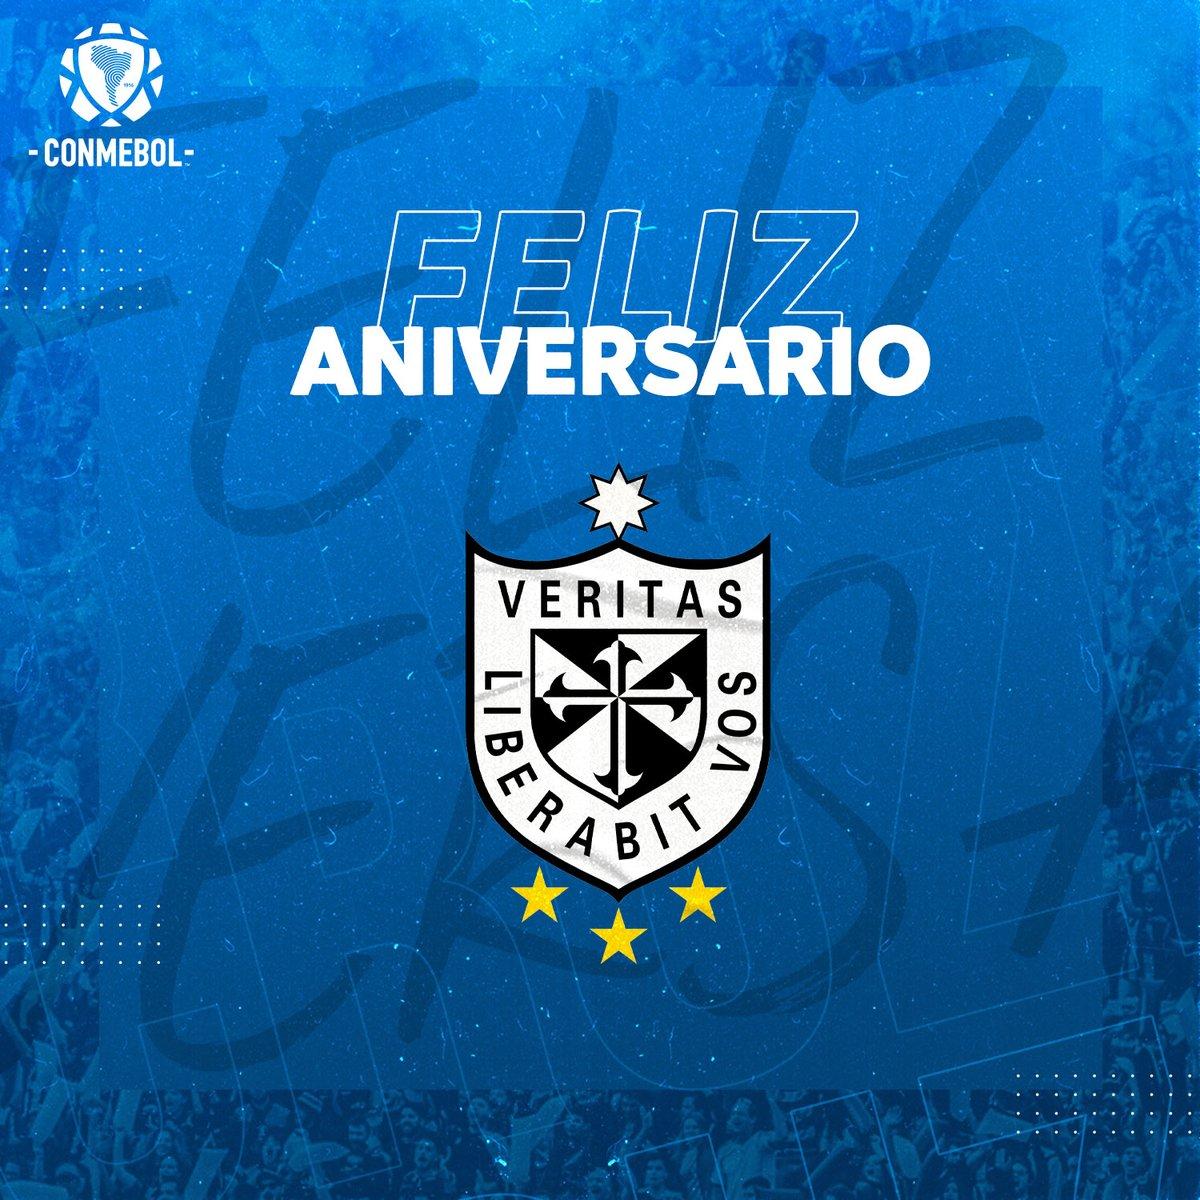 El día de hoy está de aniversario el @Club_USMP   ¡Muchas felicidades! 🇵🇪🥳🎉